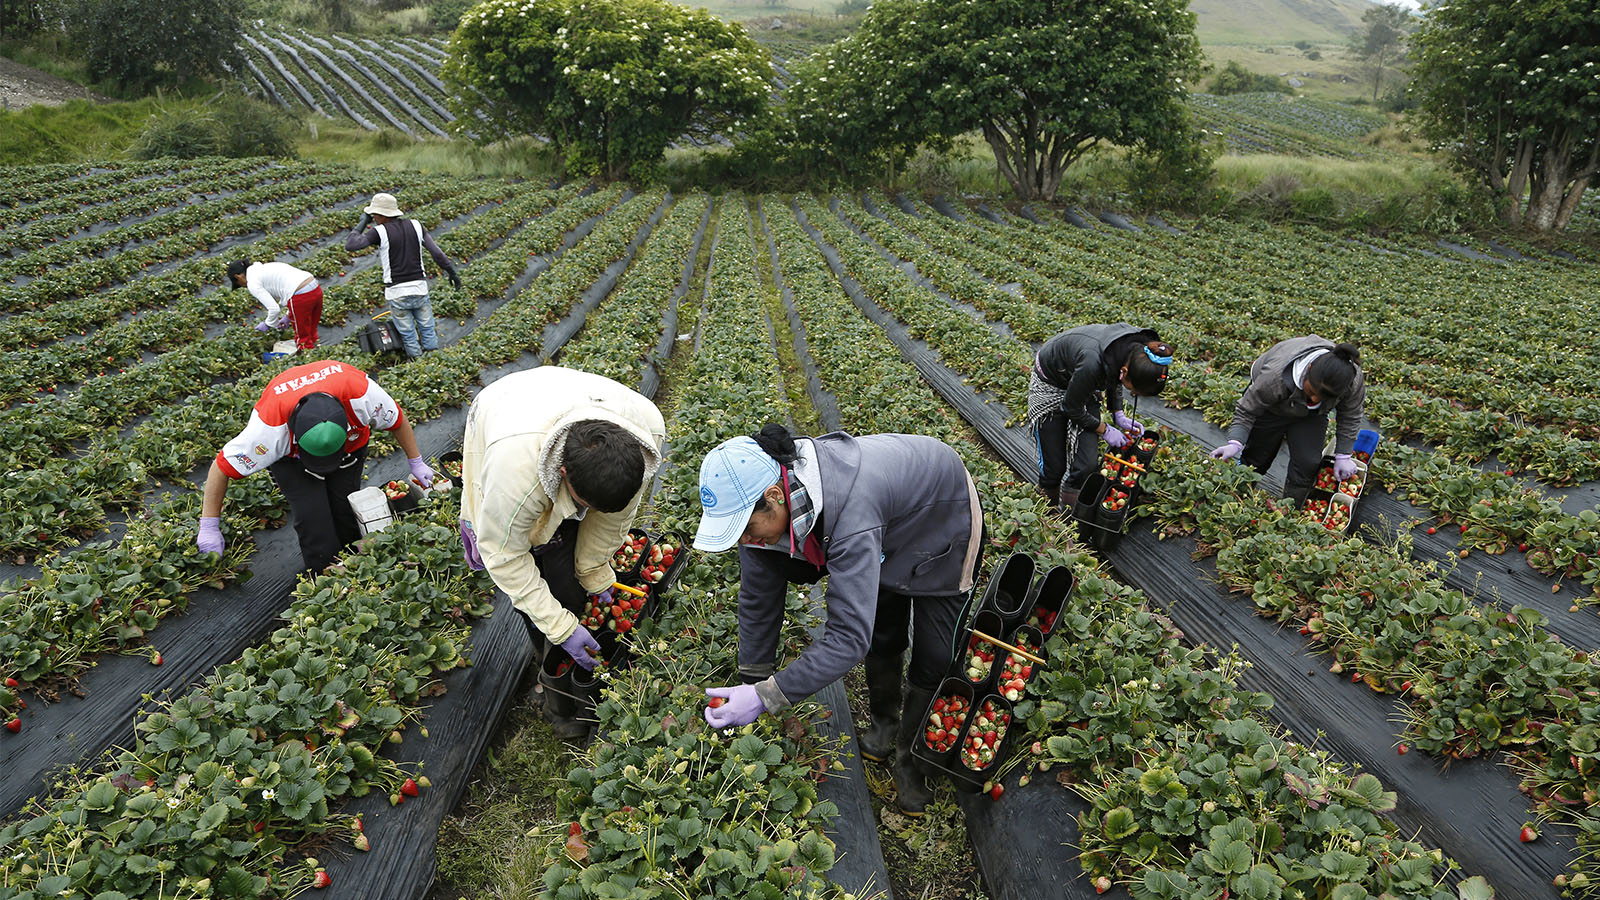 Menos desempleo pero peores condiciones: así es trabajar en el campo colombiano